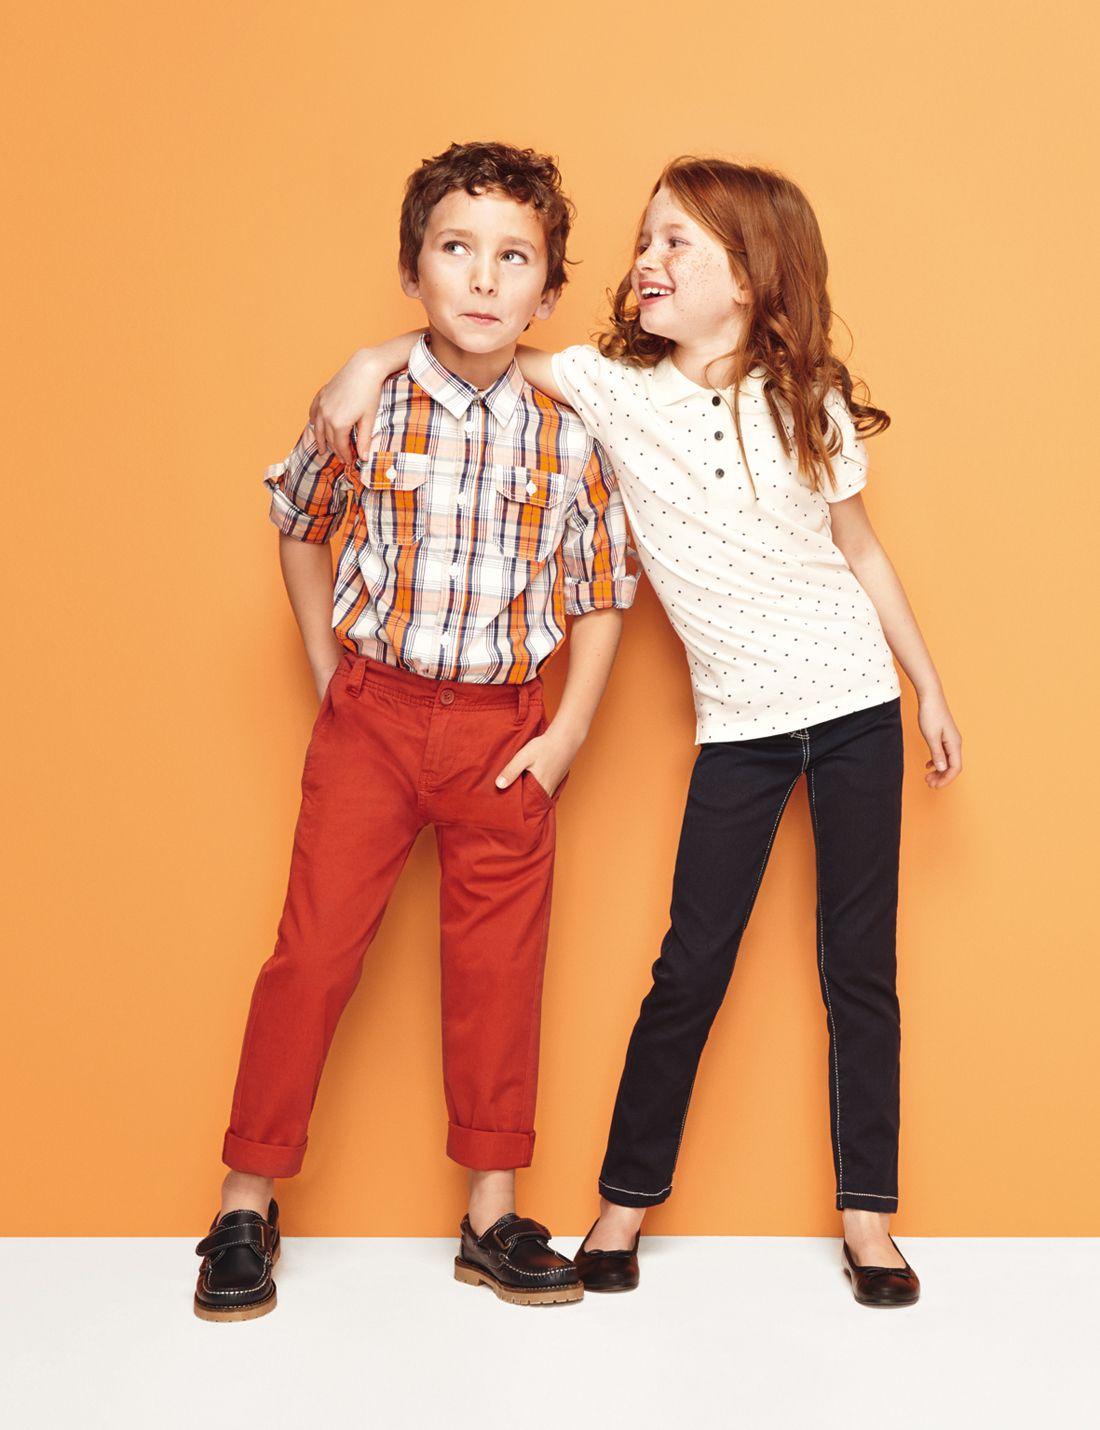 kids embrace bru buy - 736×956